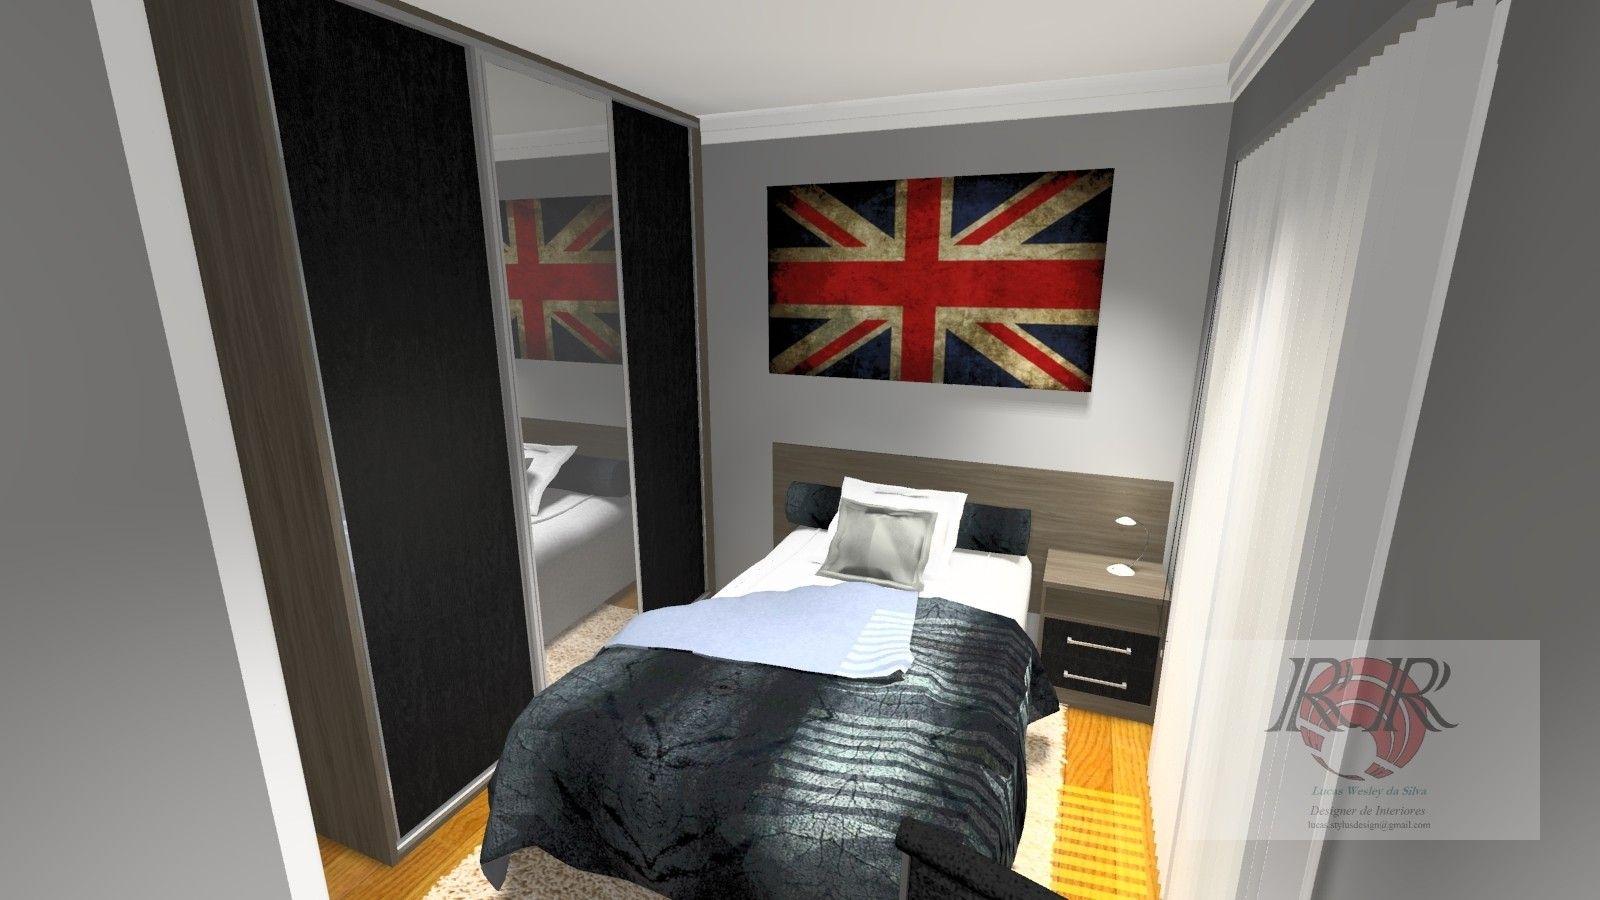 Dormitório Planejado para Quarto Pequeno Preço na Vila Carioca - Dormitório Planejado para 3 Filhos